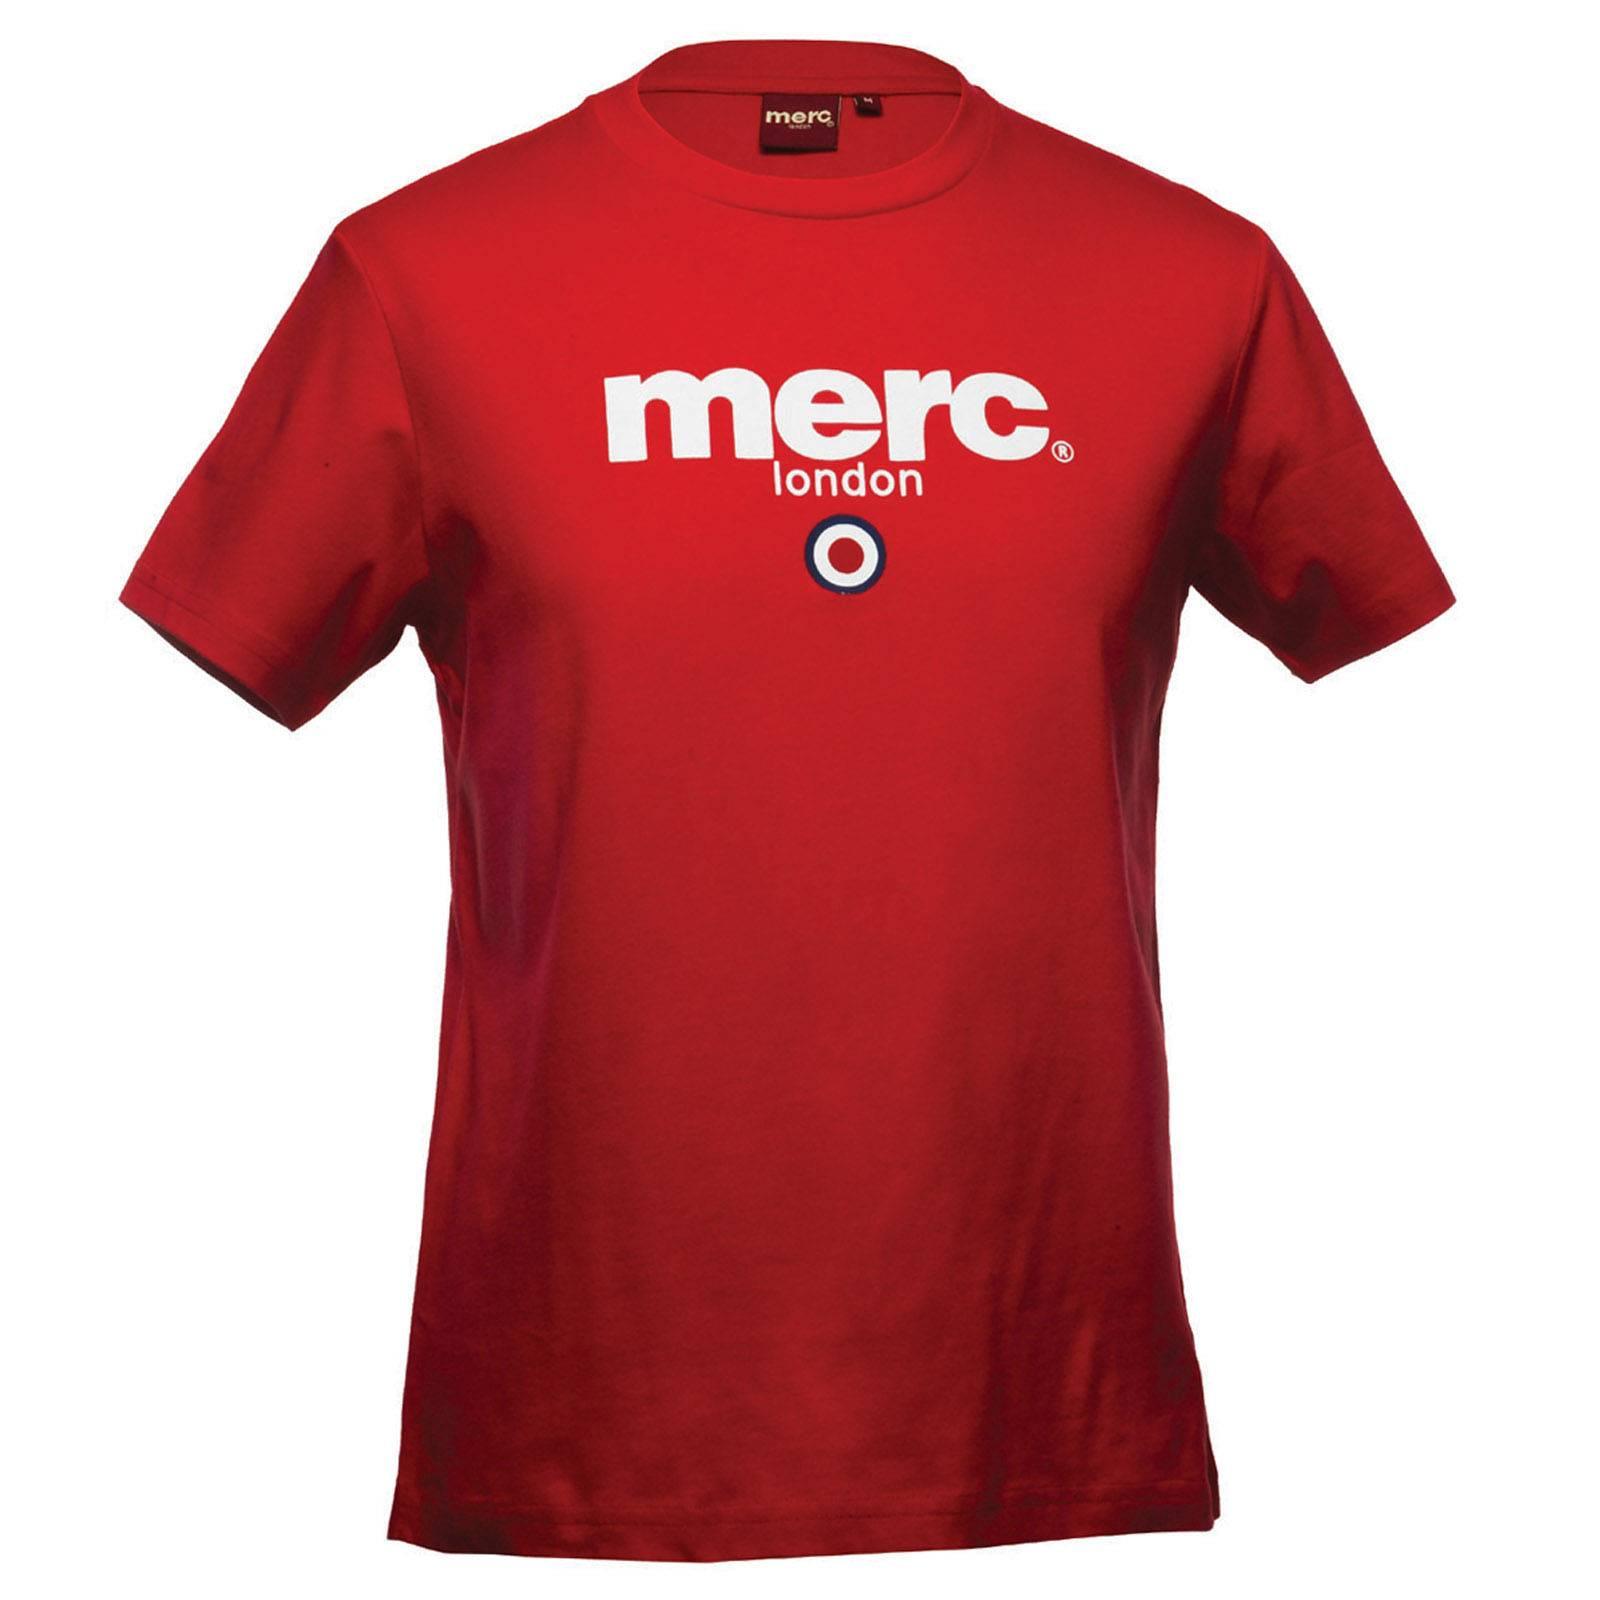 Футболка BrightonCORE<br>Футболка базовой всесезонной линии &amp;amp;quot;Core&amp;amp;quot;, брендированная классическим логотипом Merc и символом mod-движения - таргетом. Выпускается с момента основания бренда. Более строгий вариант  t-shirt Beach. Принт-логотип нанесен методом высококачественной шелкографии, не сходит и не блекнет в результате стирок. Расположение логотипа в верхней части футболки позволяет красиво комбинировать ее с не до конца застегнутыми олимпийкой-худи, кардиганом или ветровкой. Произведена в Европейском Союзе.<br><br>Артикул: 1704136<br>Материал: 100% Хлопок<br>Цвет: красный<br>Пол: Мужской